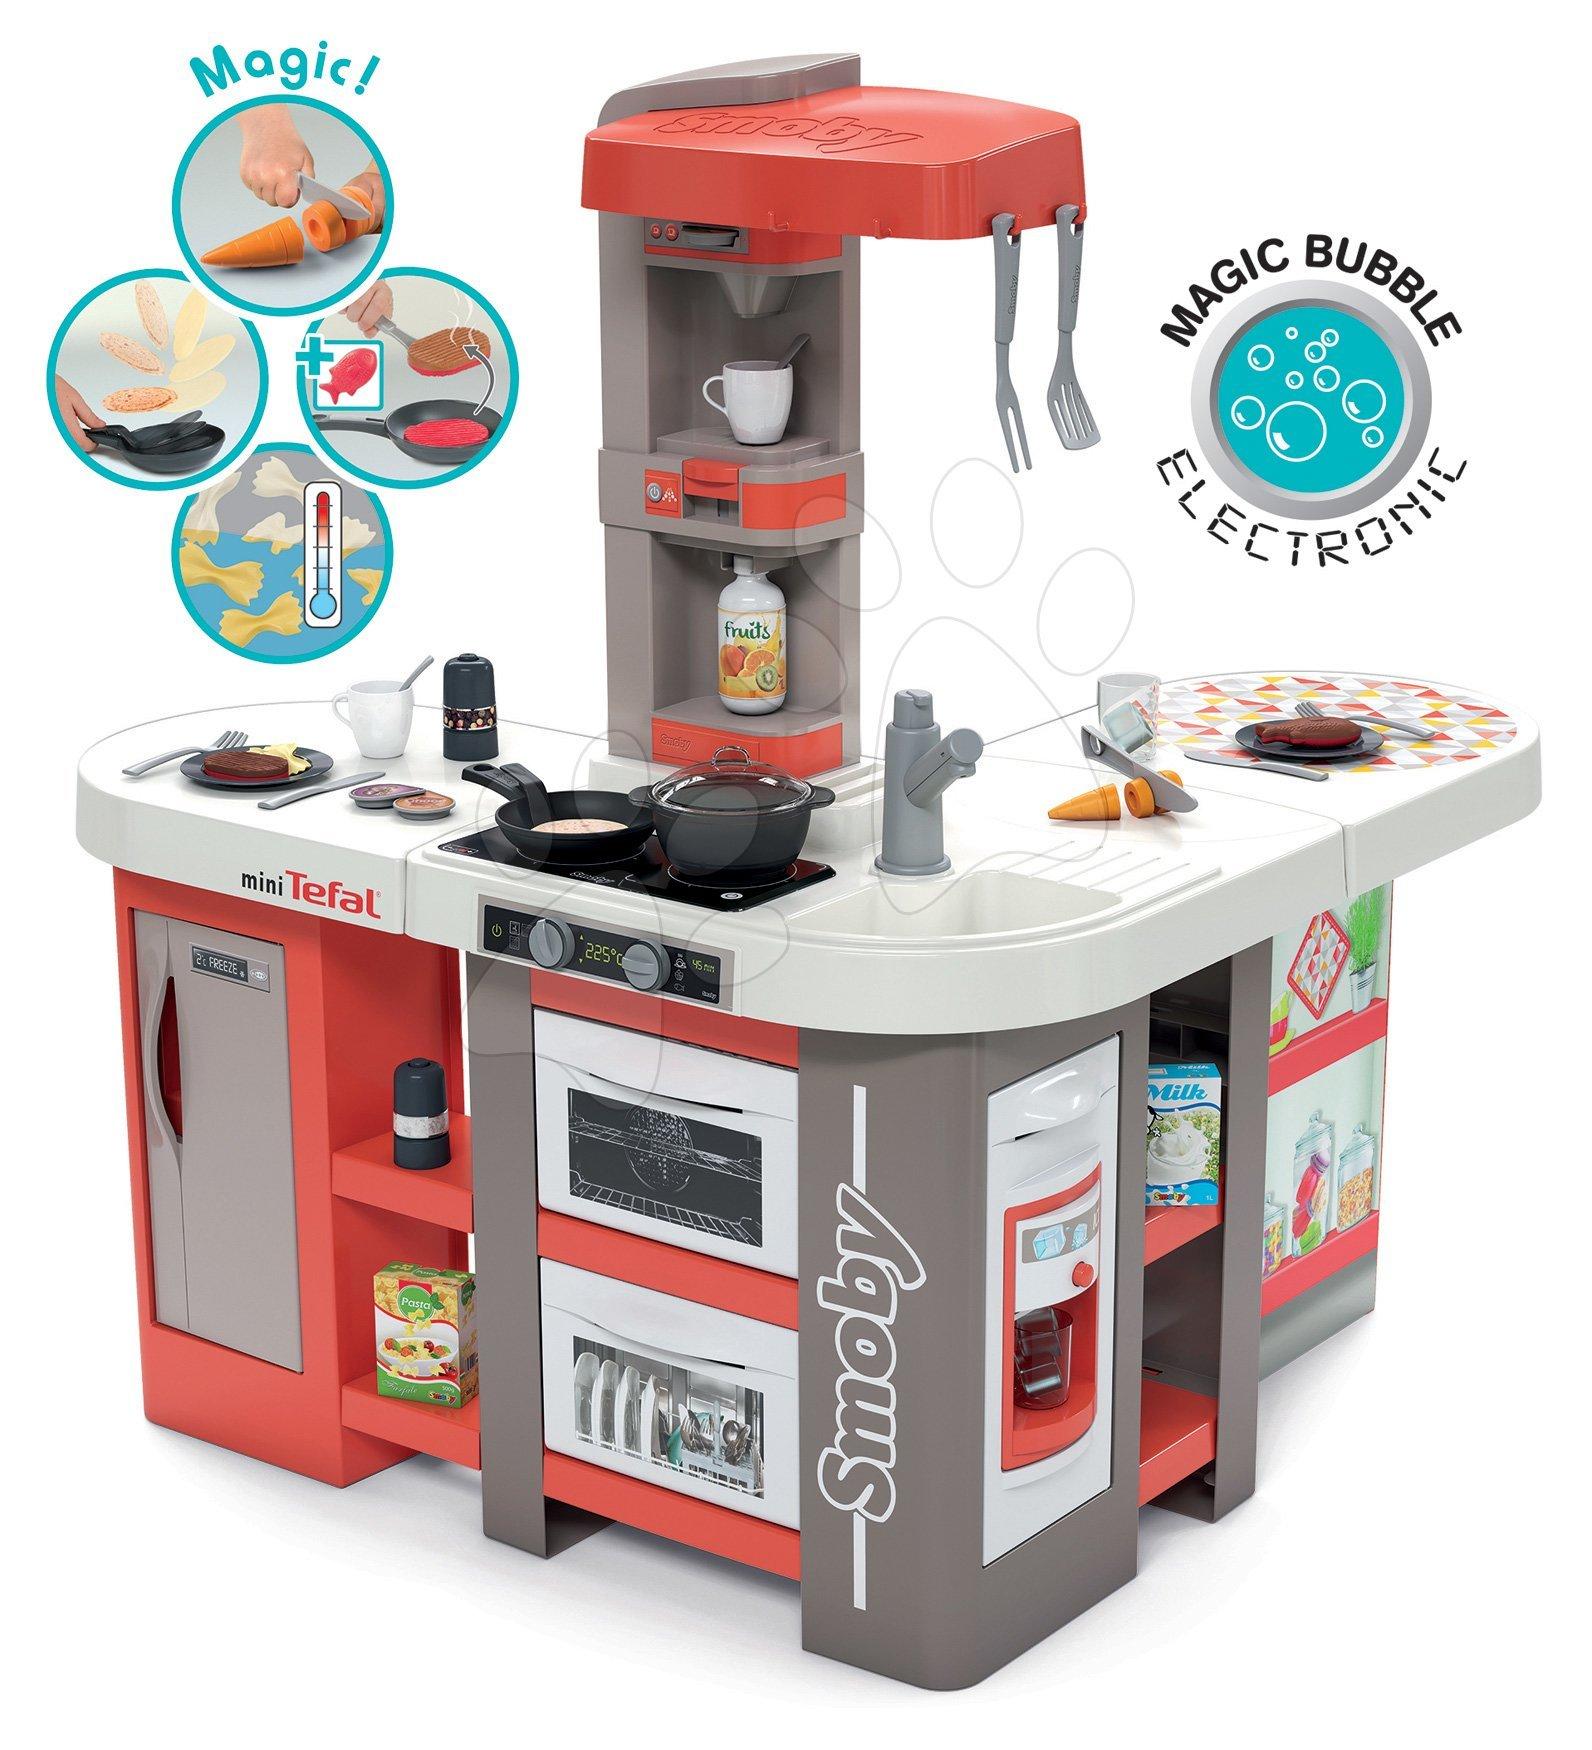 Kuchyňka elektronická Tefal Studio 360° XXL Bubble Smoby mrkvová s magickým bubláním, ledem a těstoviny s mrkví a 39 doplňků